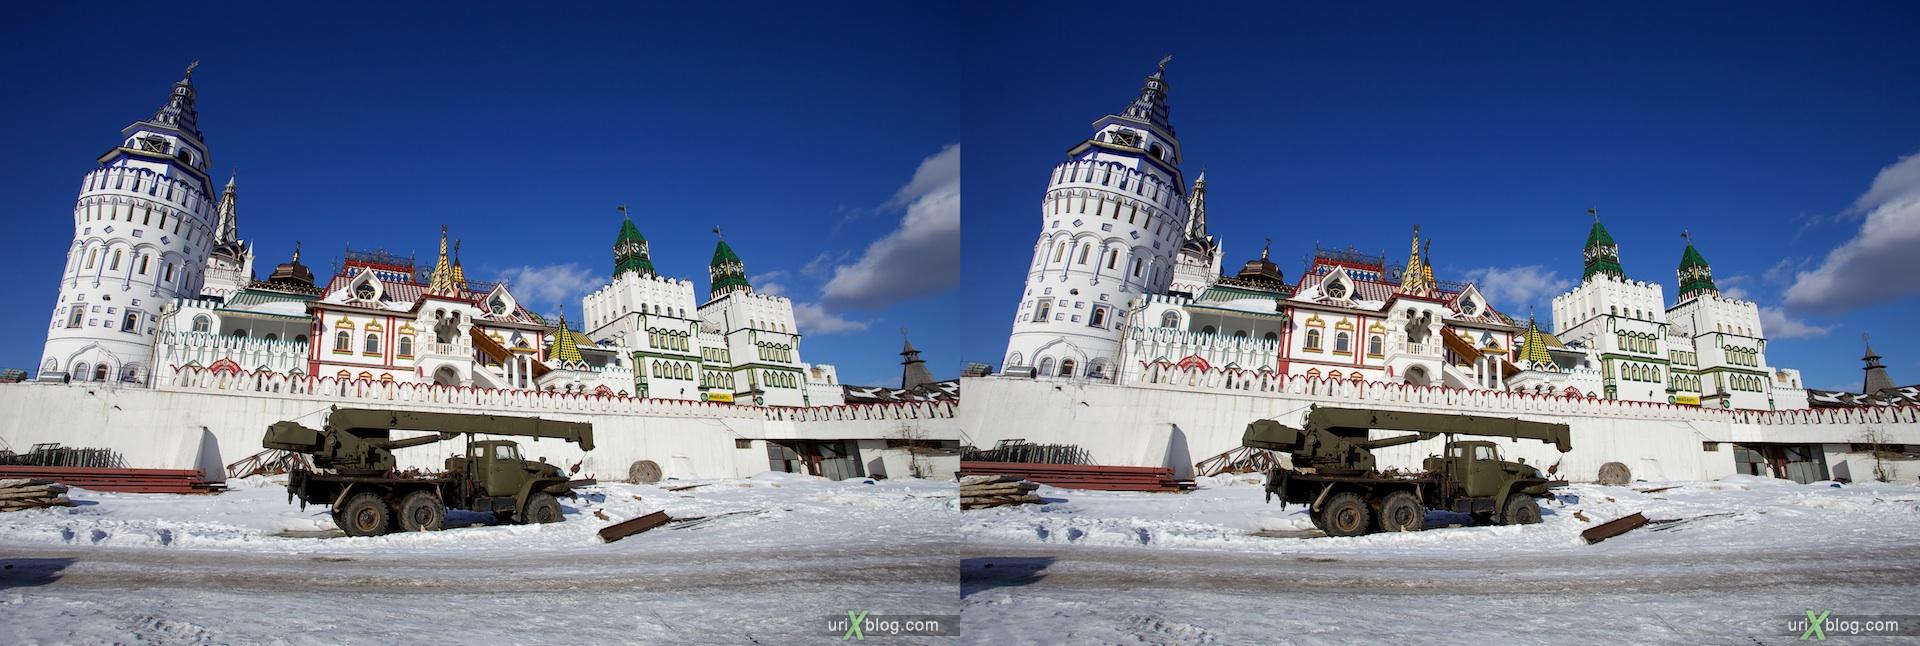 2010 3D, stereo, cross-eyed, стерео, стереопара Москва Кремль в Измайлово